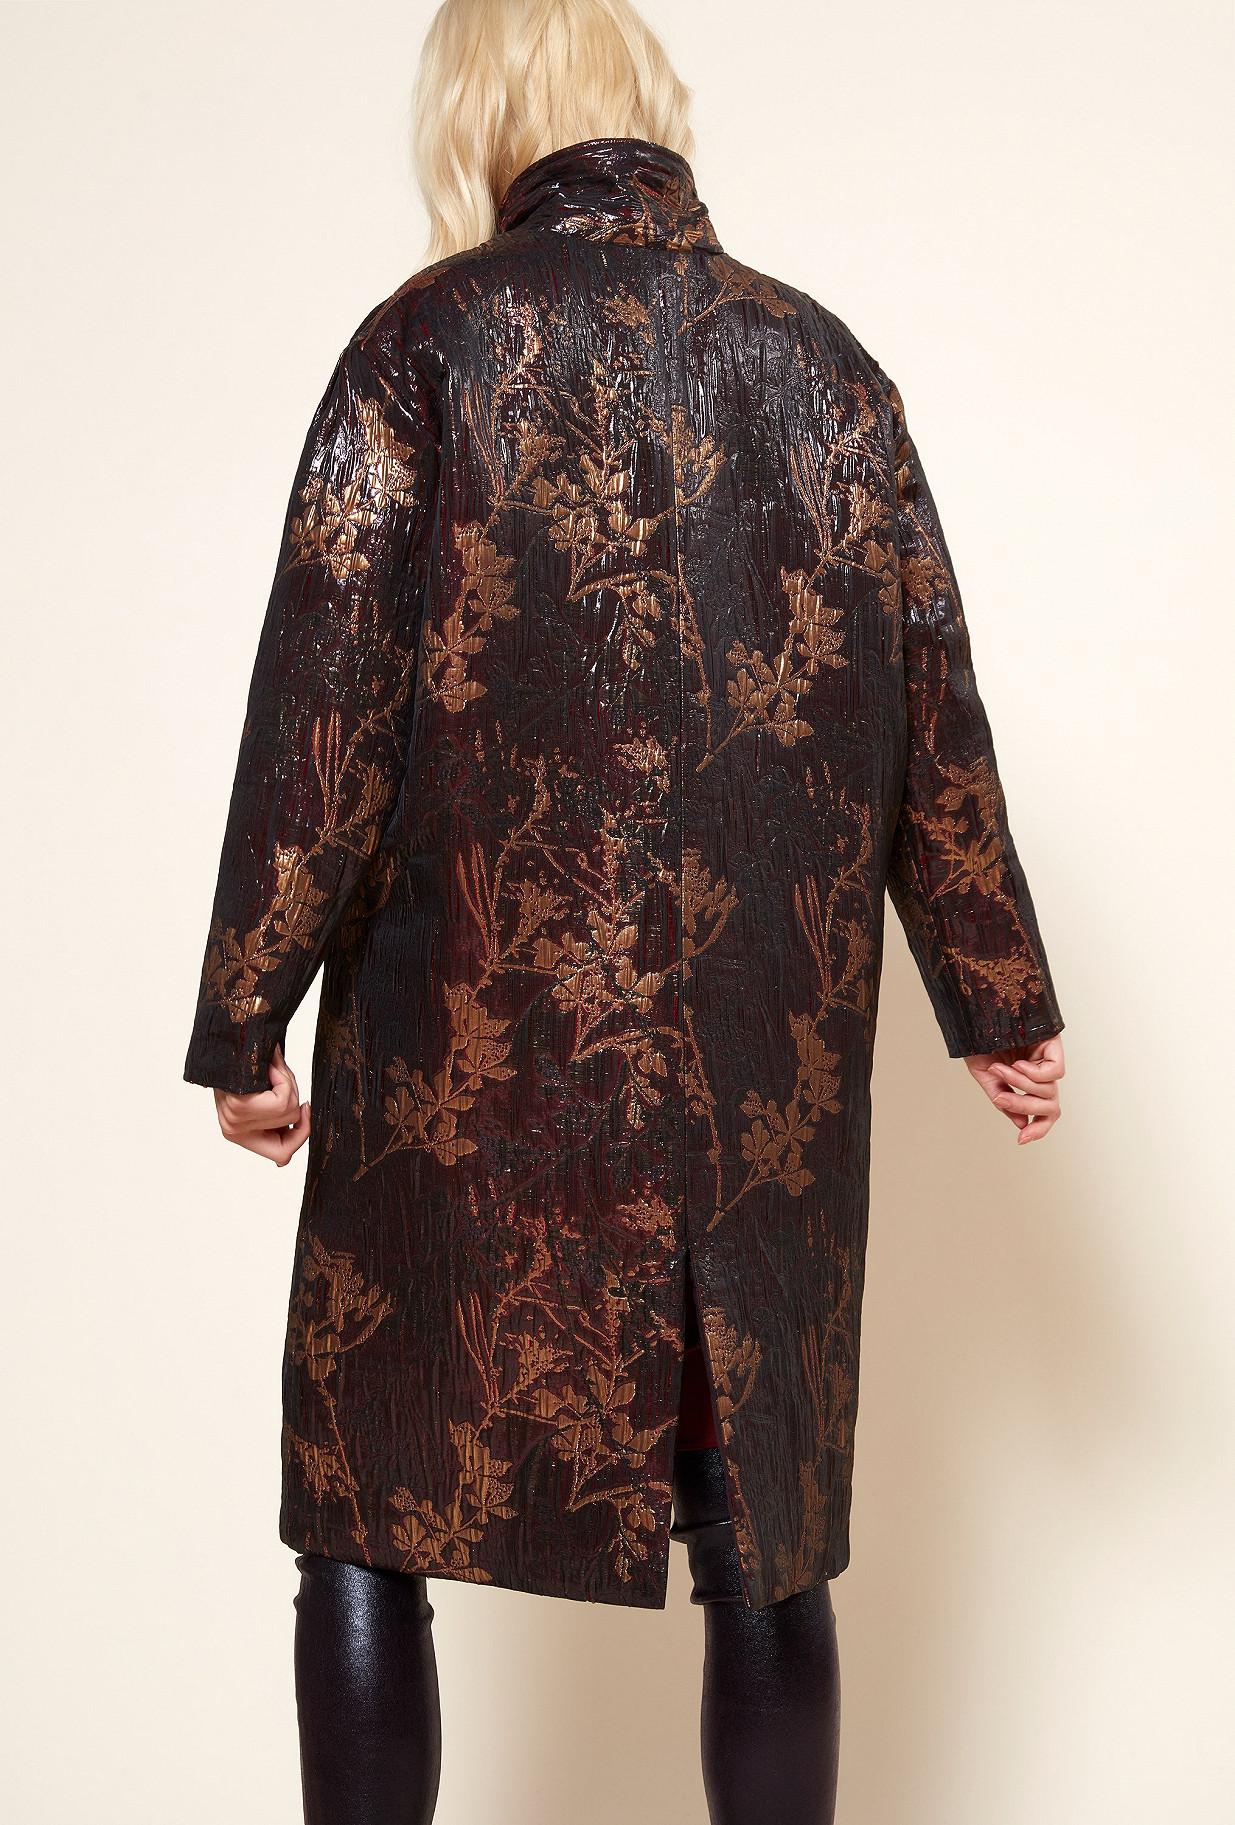 Red  COAT  Quartz Mes demoiselles fashion clothes designer Paris